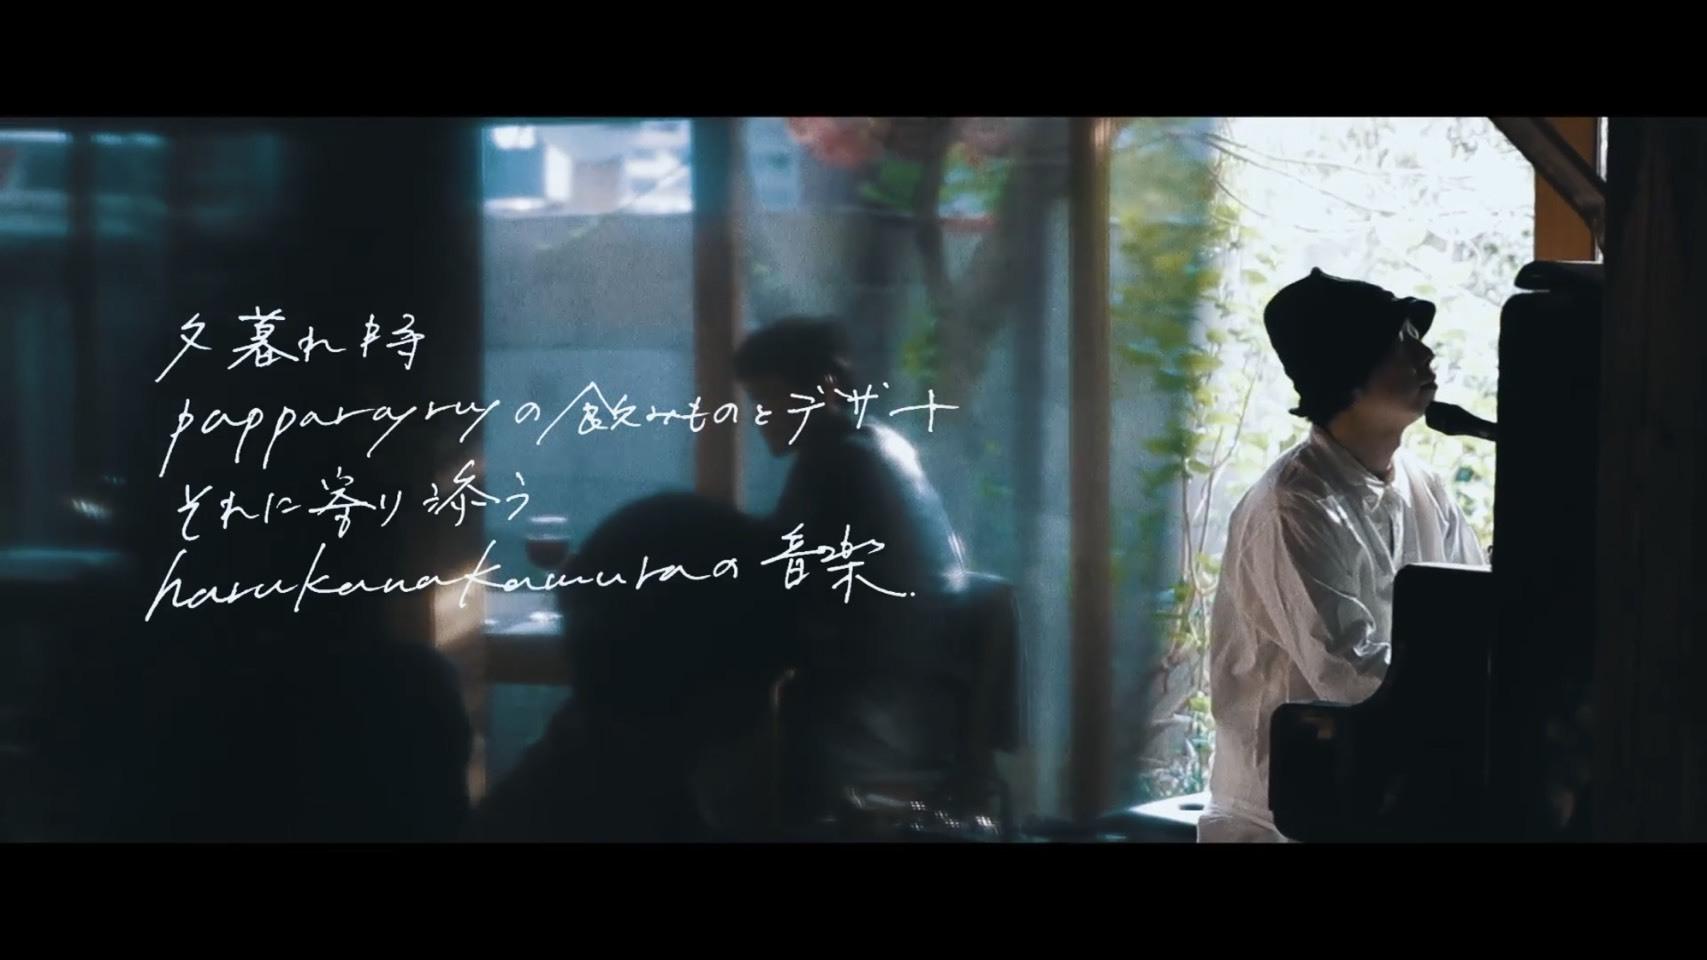 「うたが何処かで」 haruka nakamura × papparayray 第三夜